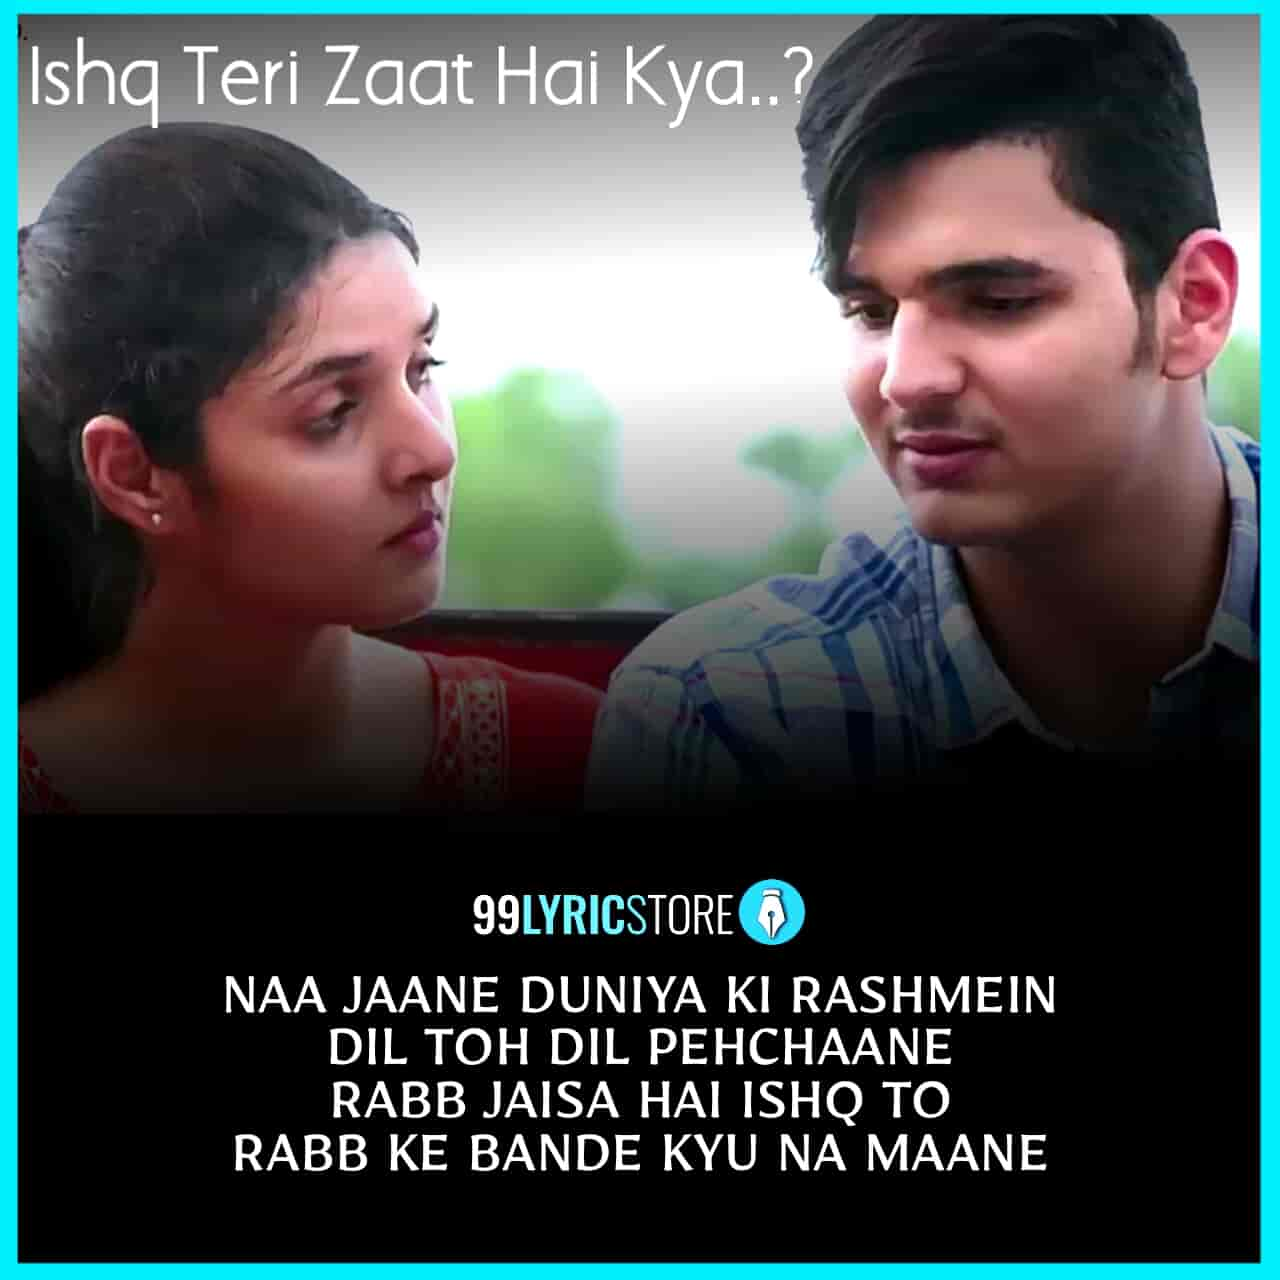 Ishq Teri Zaat Hai Kya Lyrics sung by Ripul Sharma